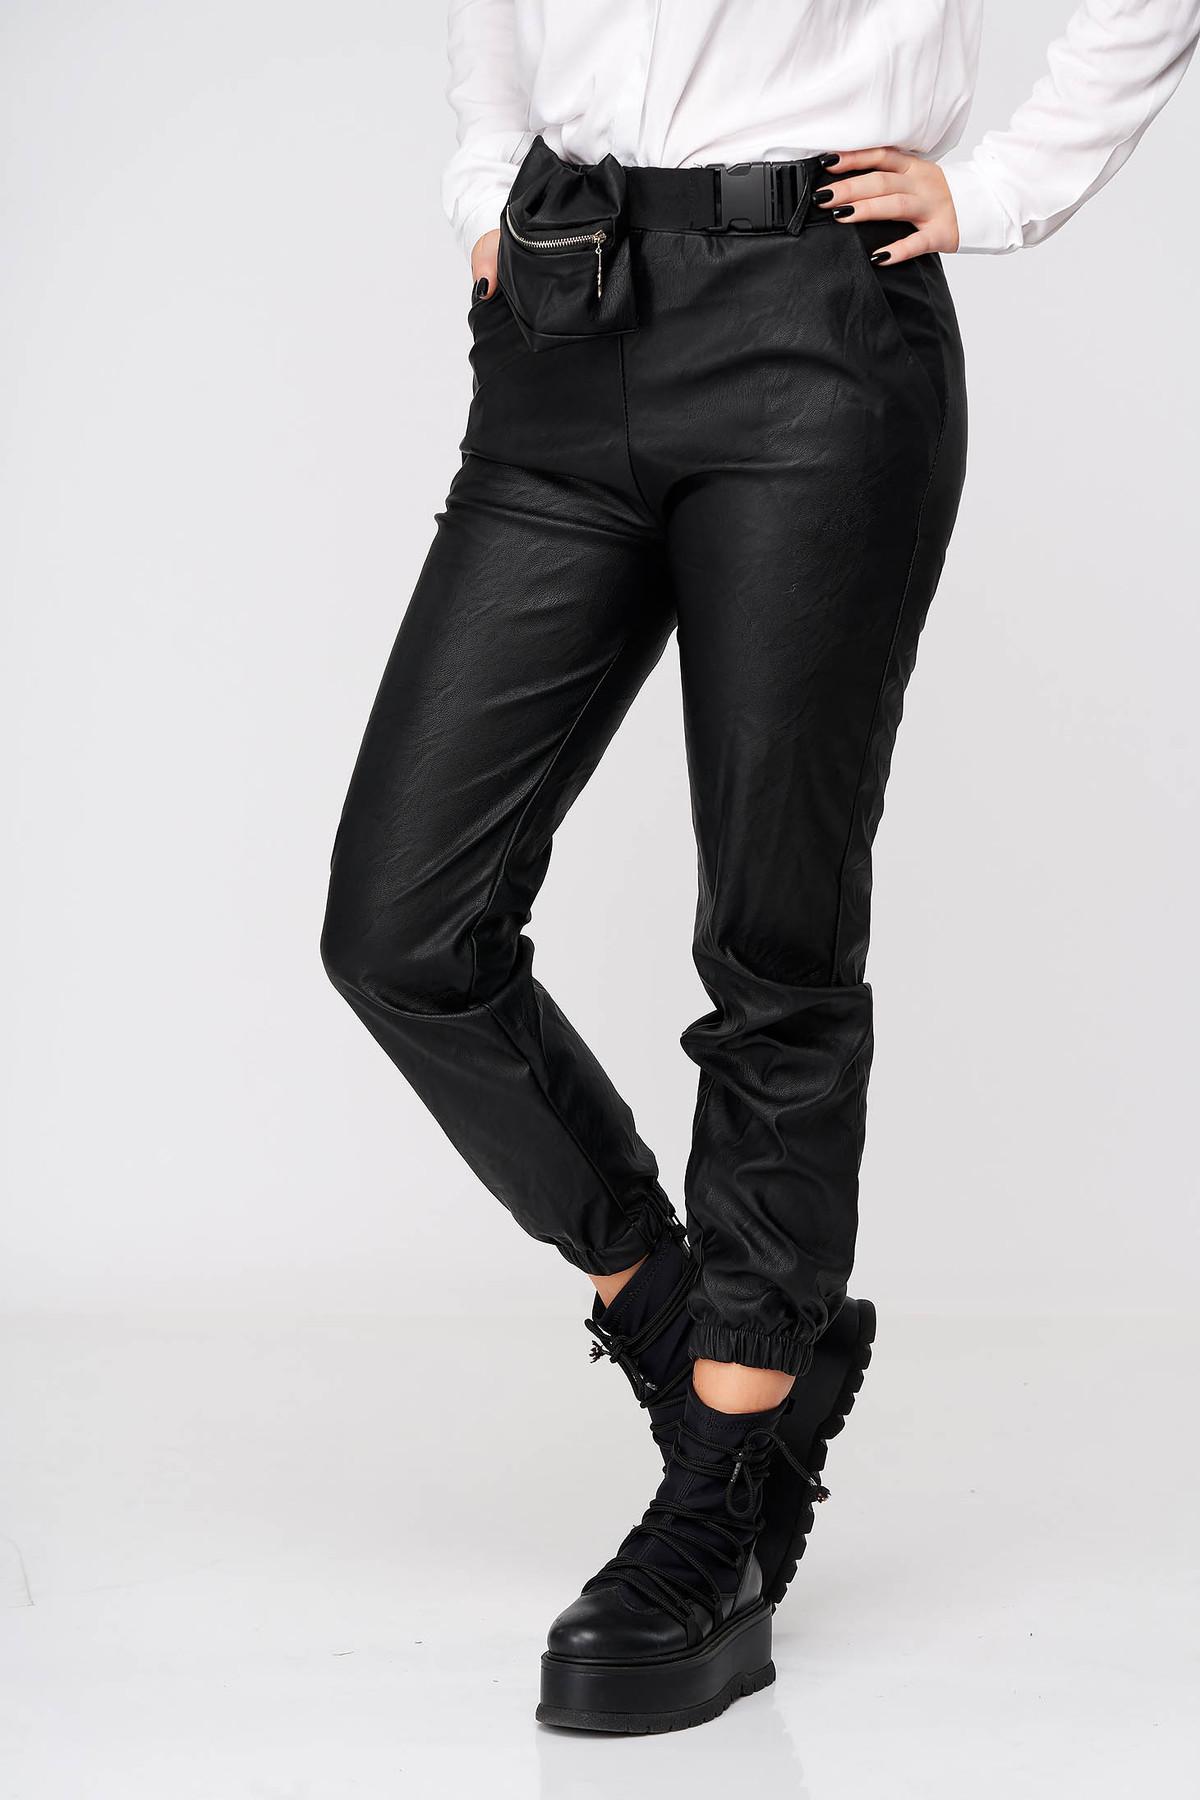 Pantaloni SunShine din piele ecologica negri casual cu talie inalta imagine